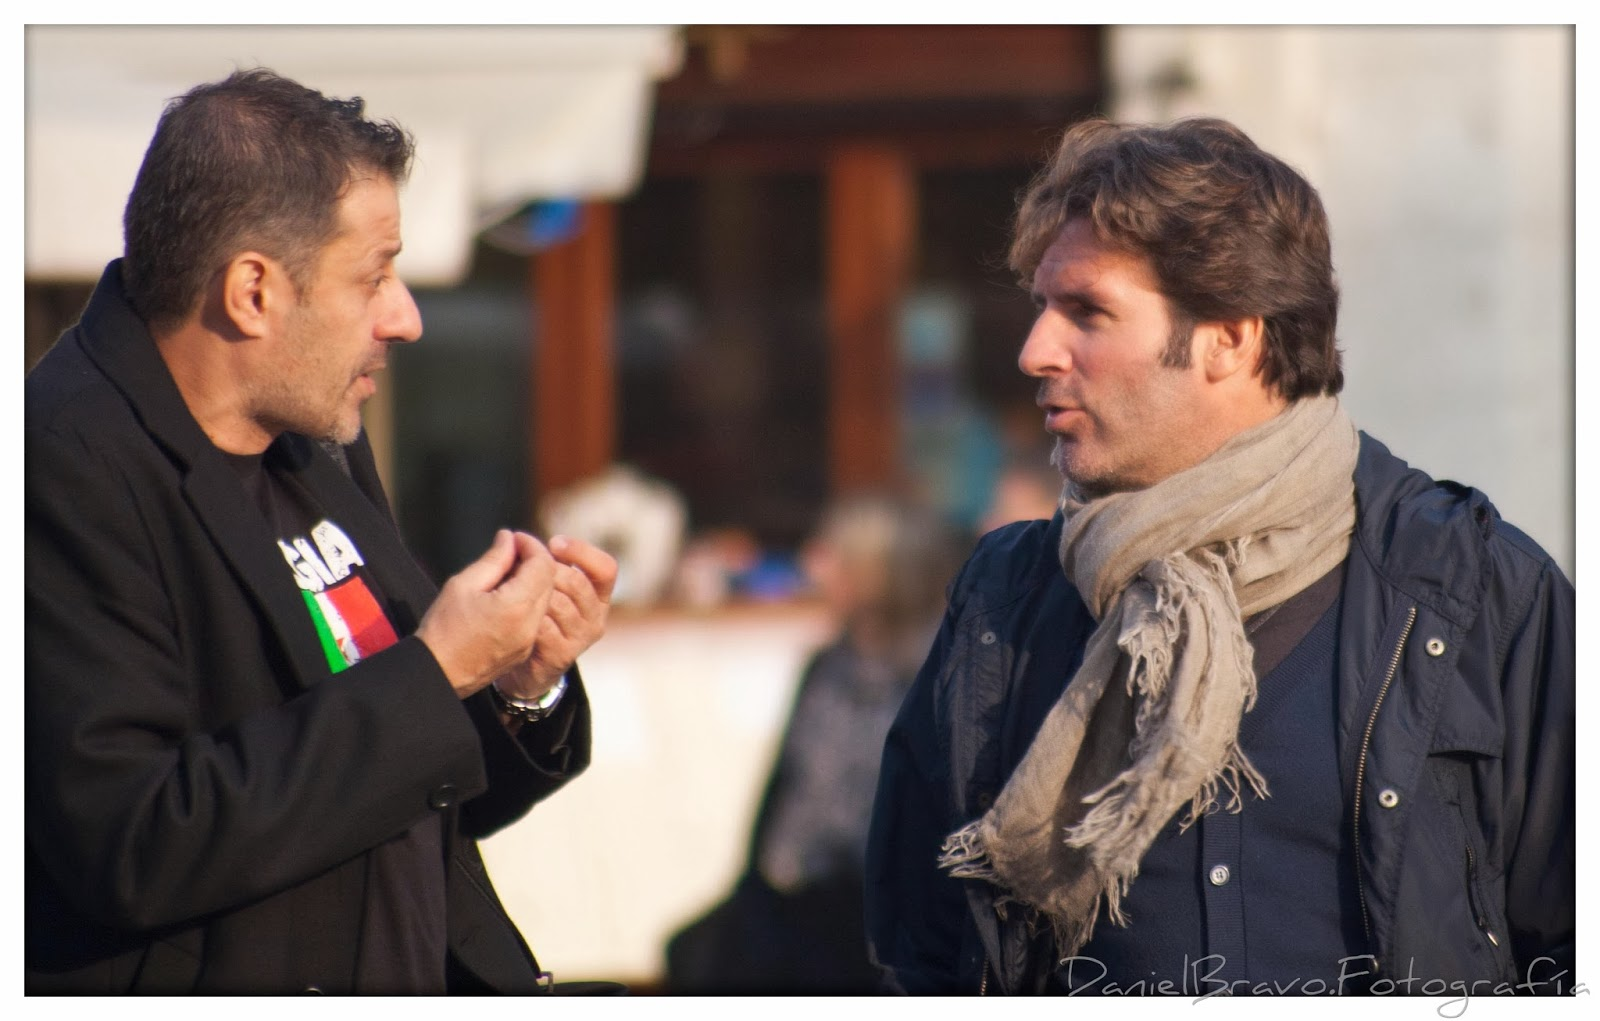 Dos hombres italianos hablando en Venecia.